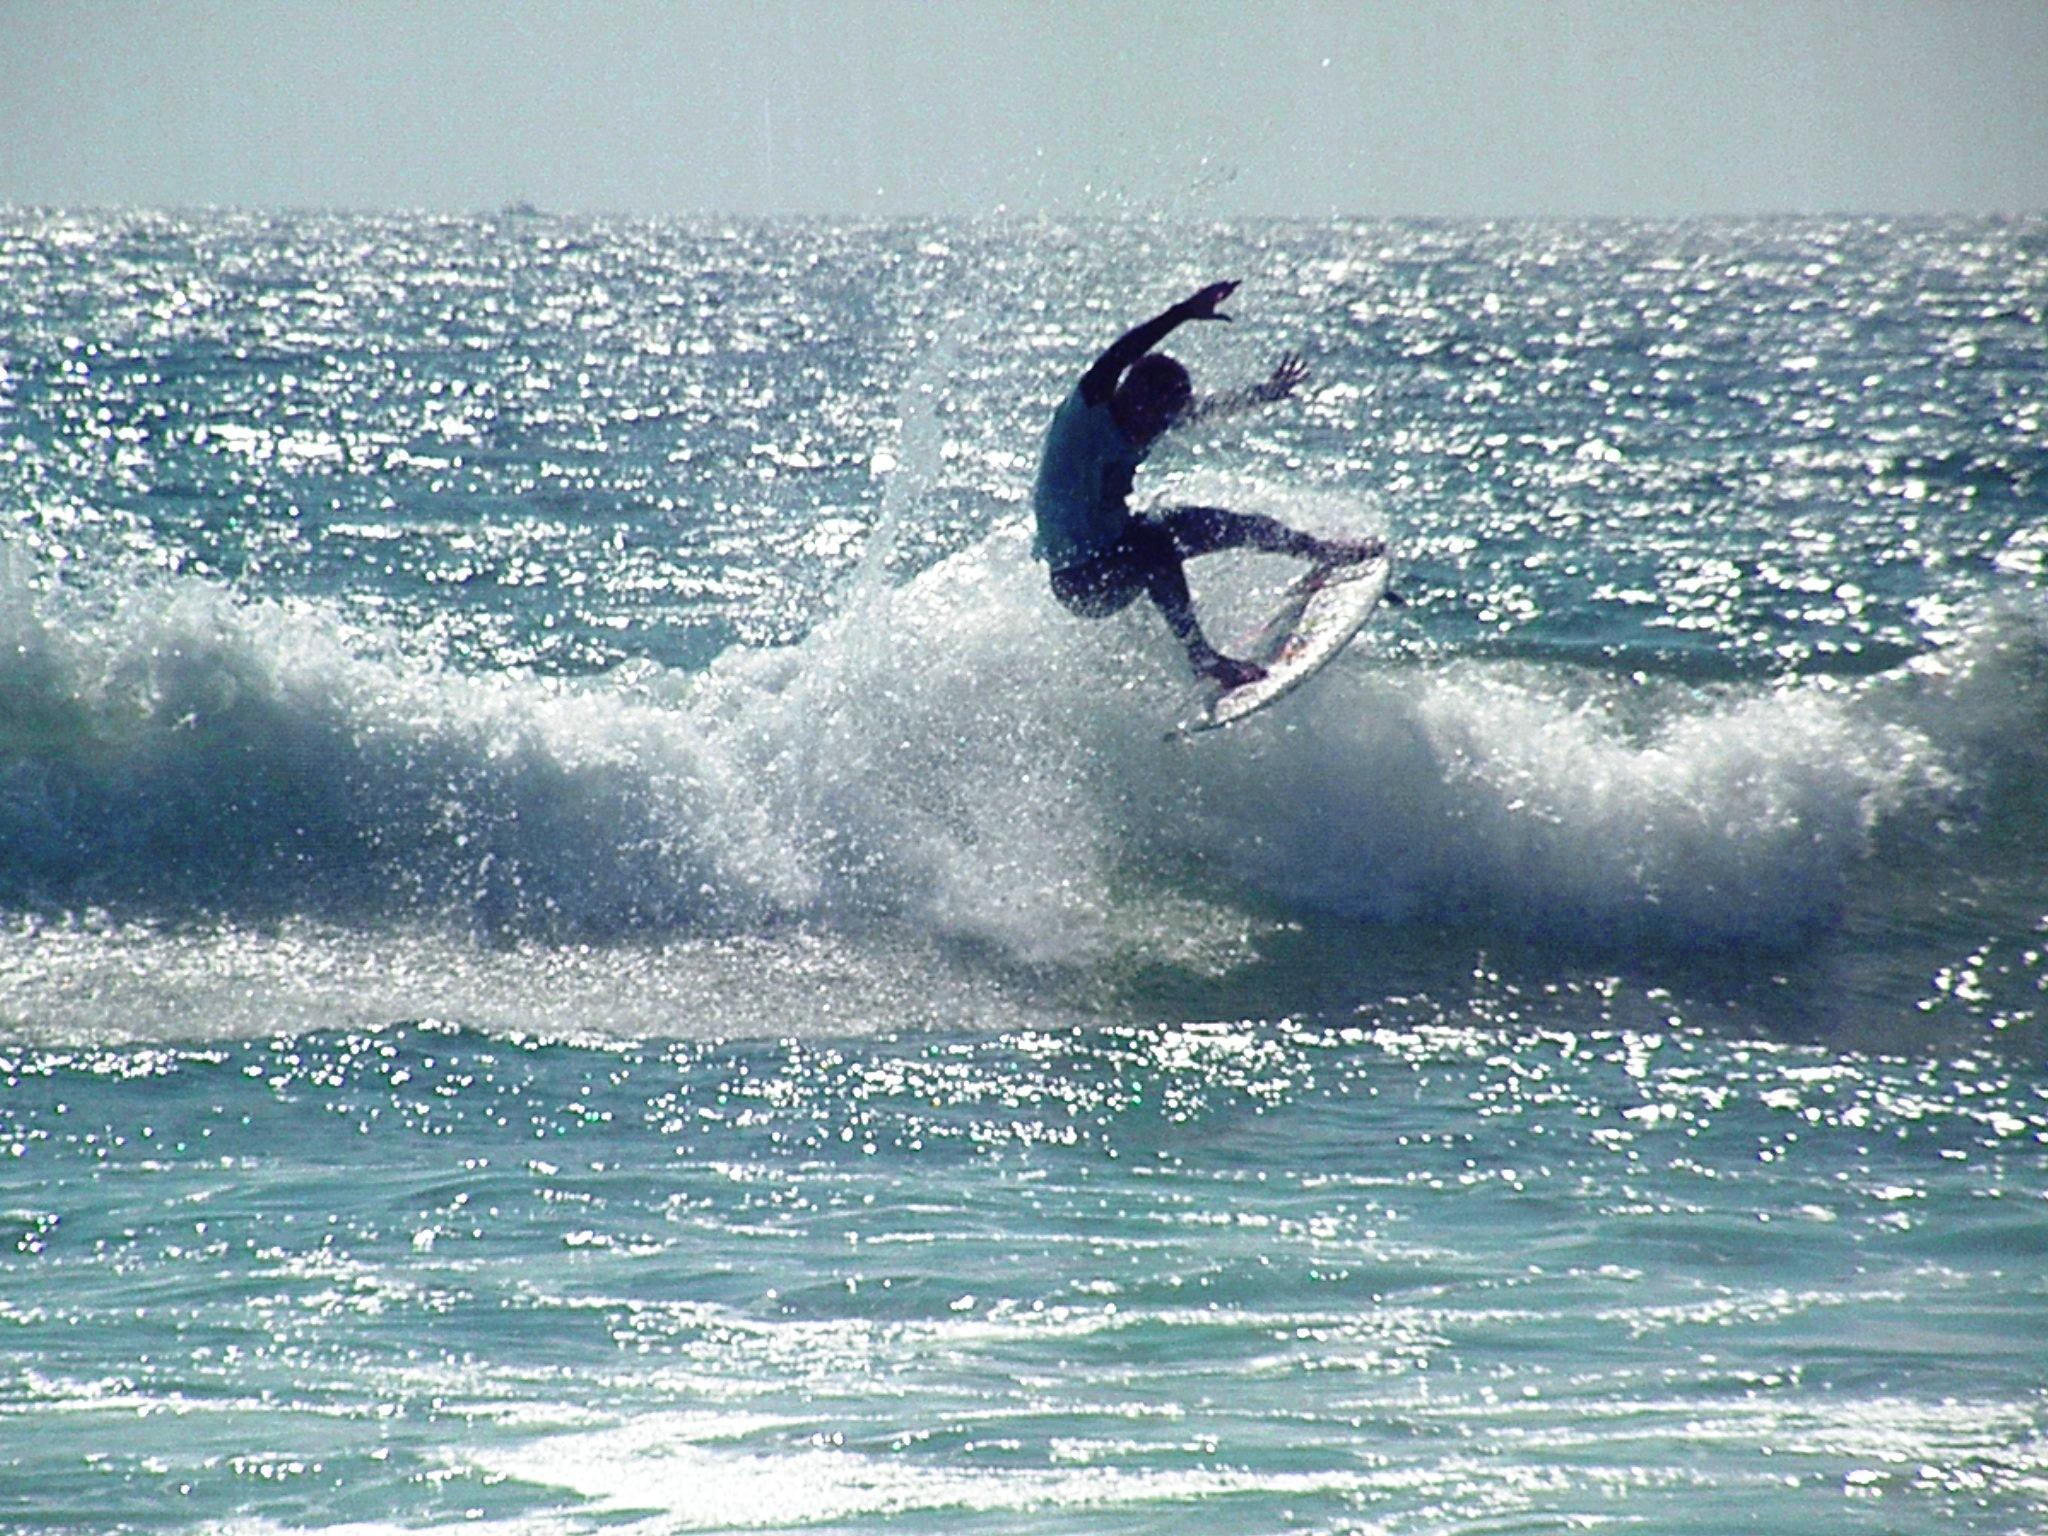 Circuito Mundial De Surf : Federación dominicana de surfing u2013 fedosurf » surfista dominicano se